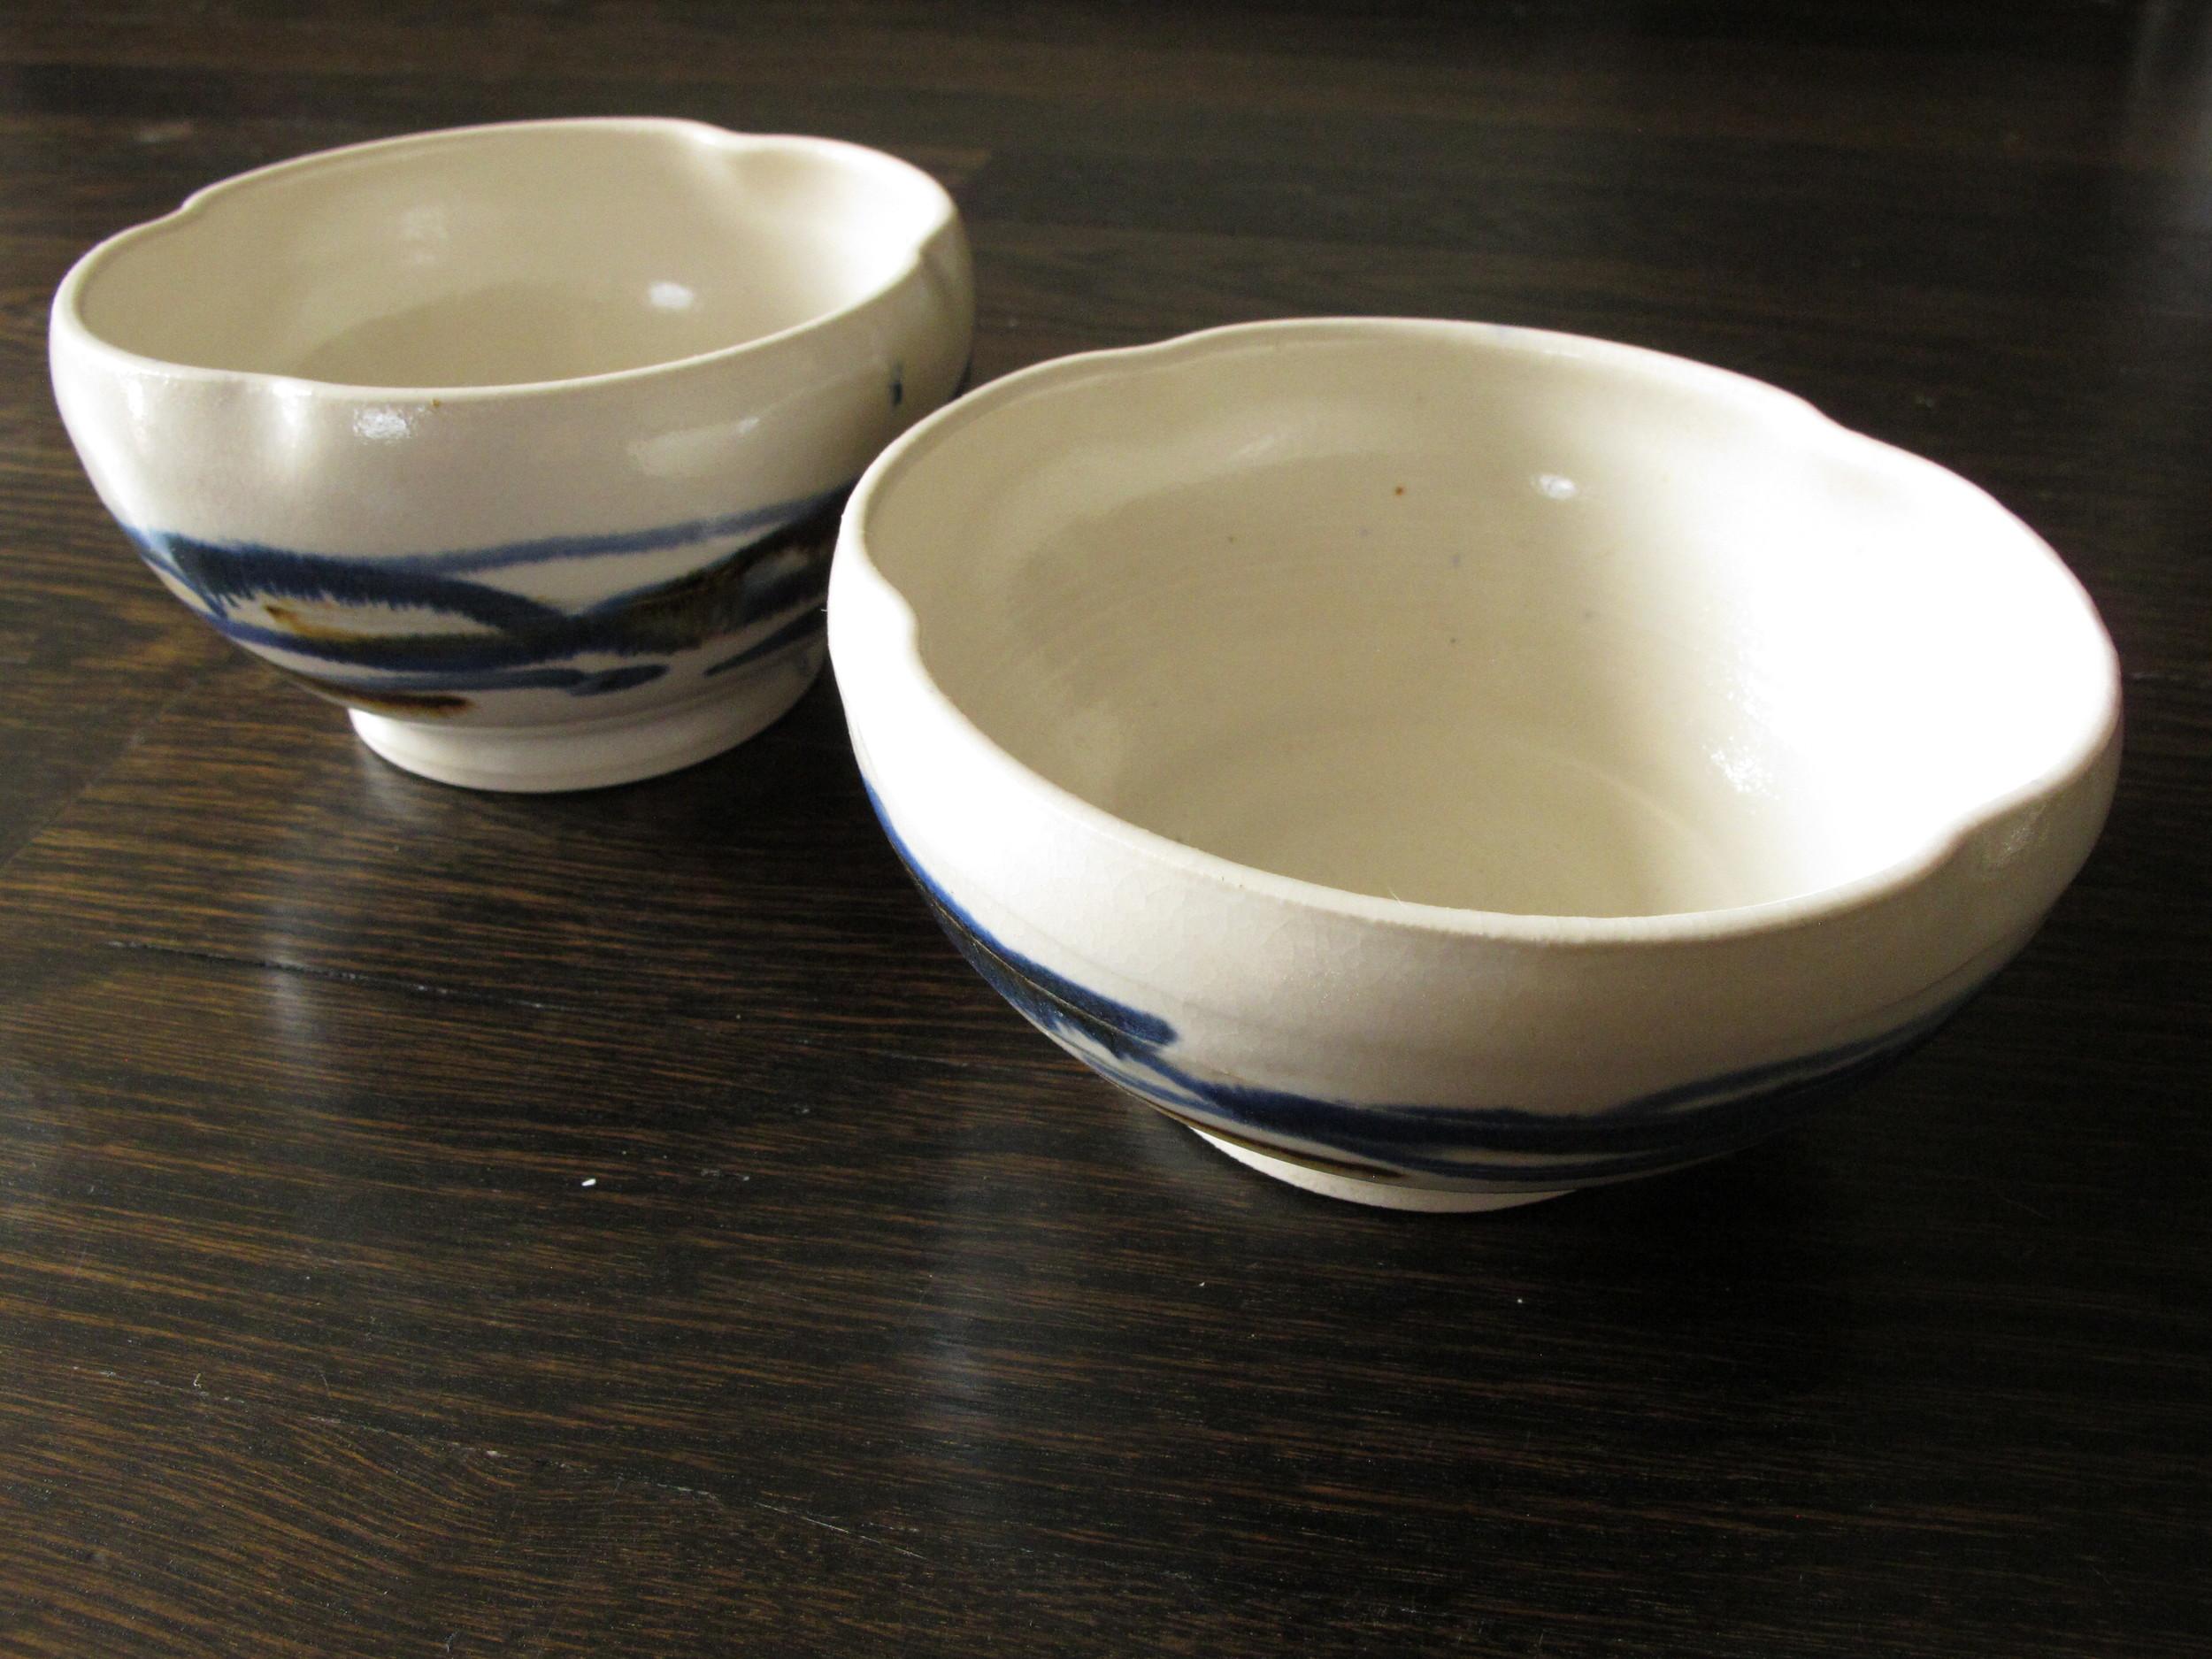 Banded bowls.